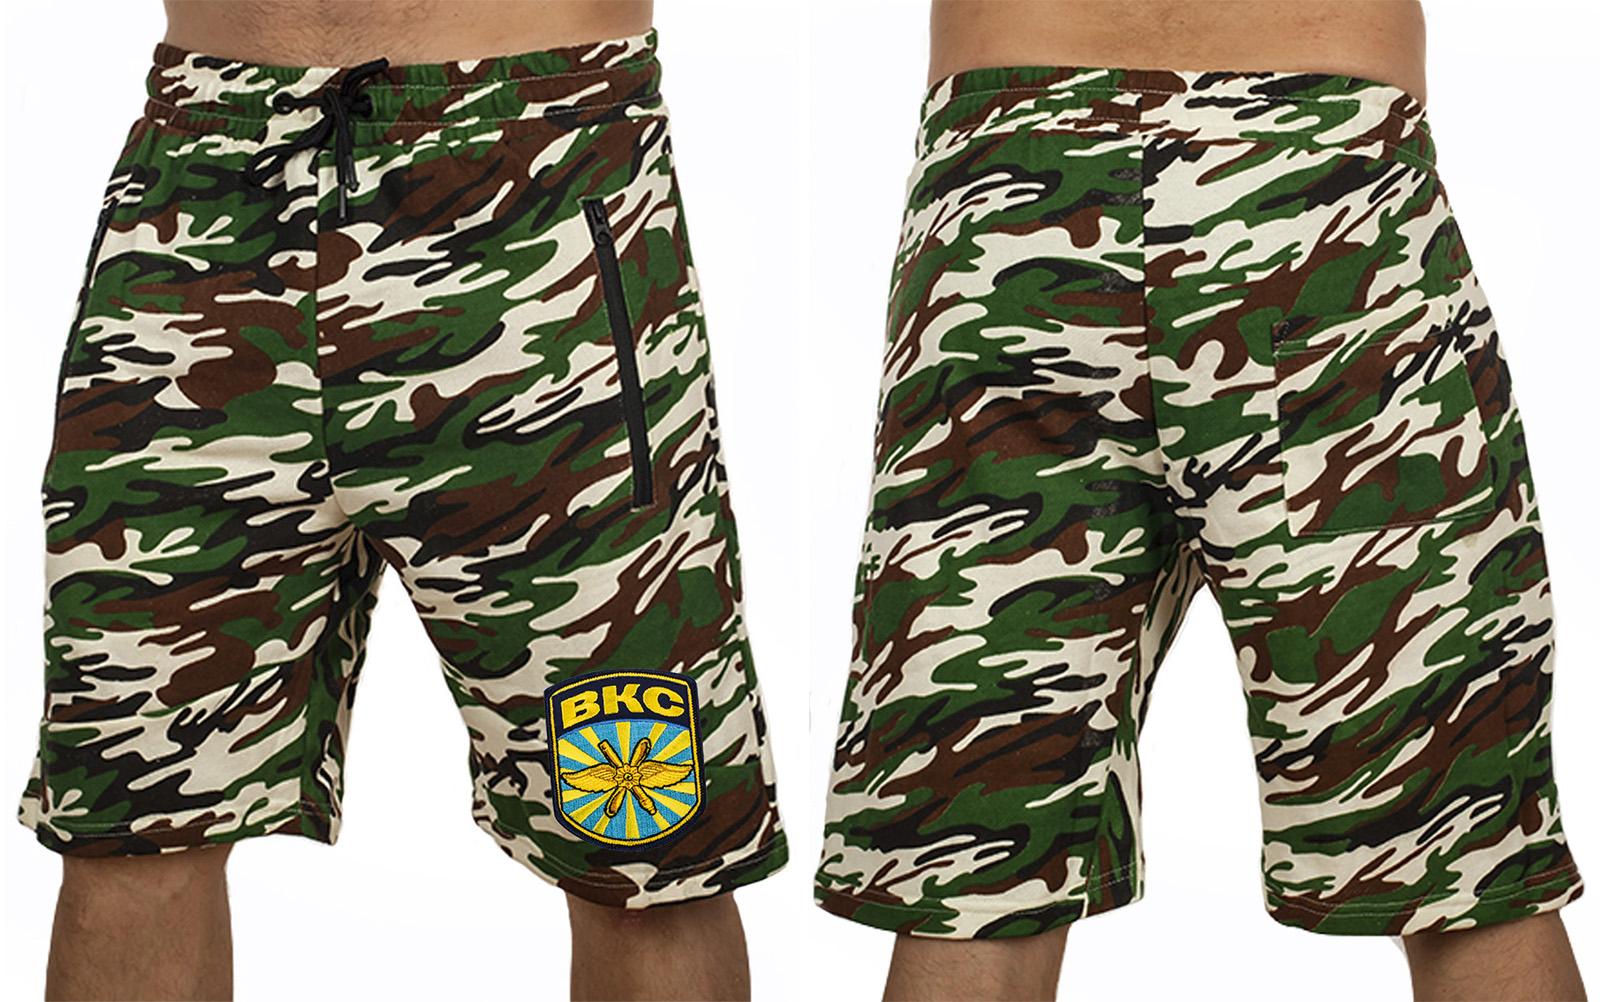 Военные камуфляжные шорты с нашивкой ВКС - купить в Военпро